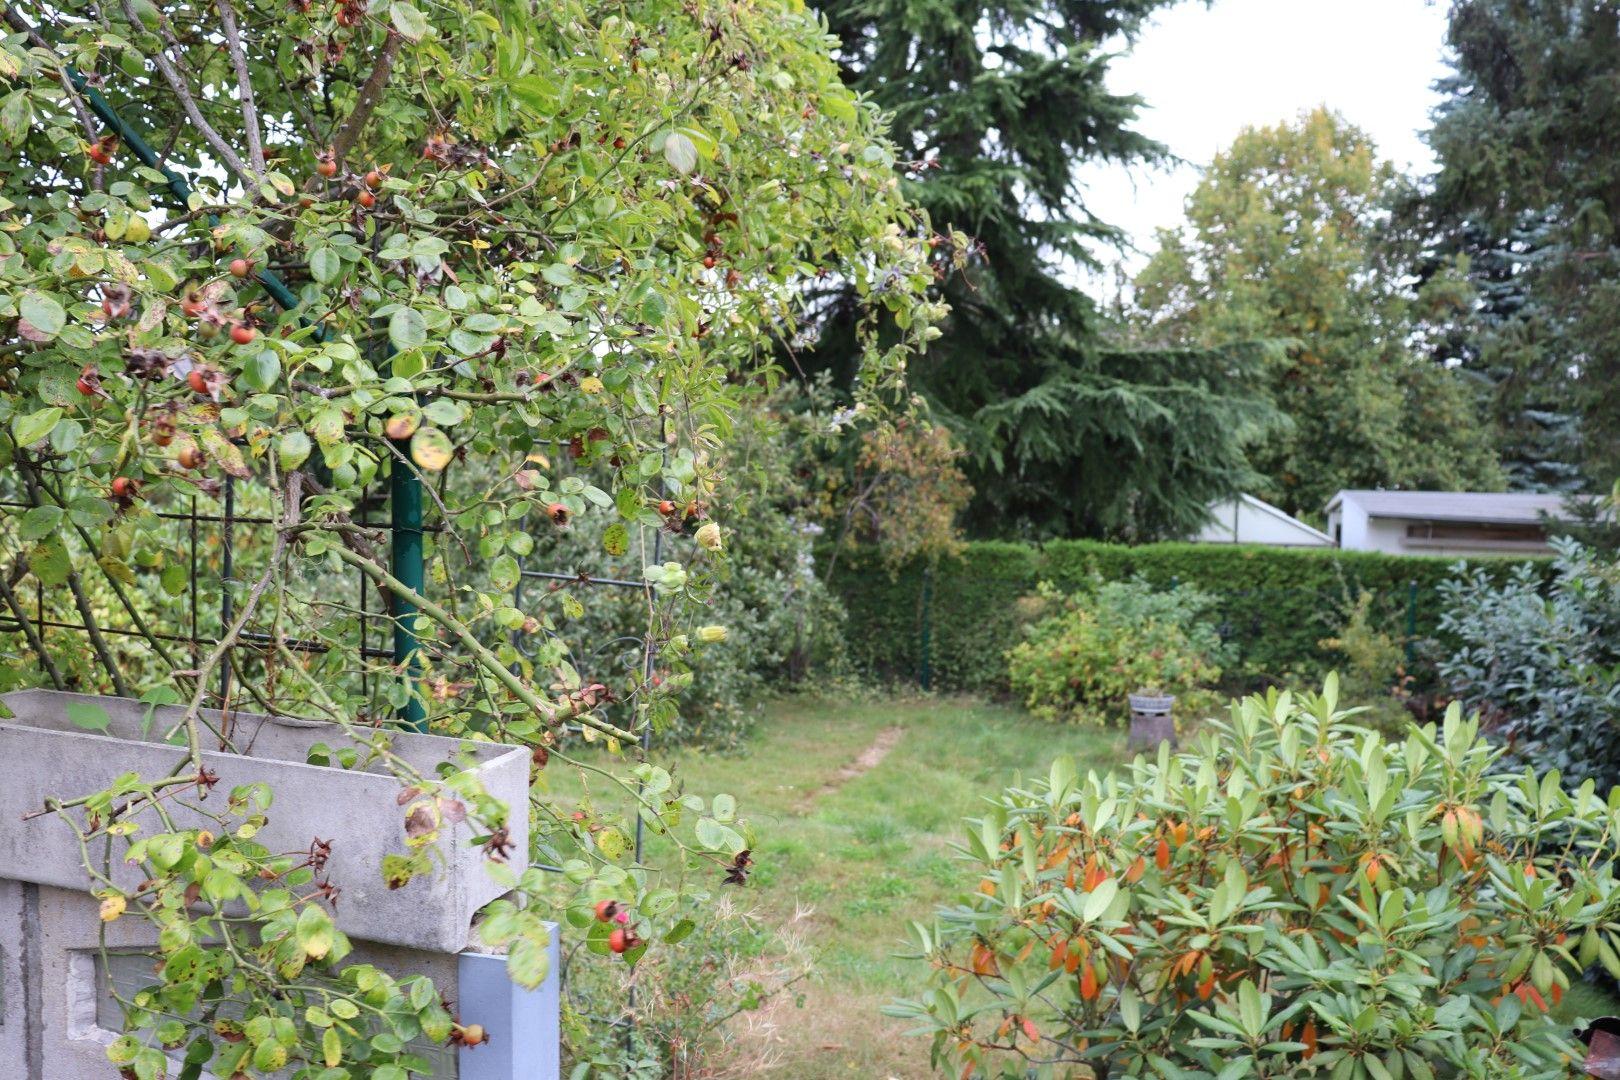 Immobilie Nr.0273 - Doppelhaushälfte in WEG mit Garten & Terrasse - Bild 7.jpg